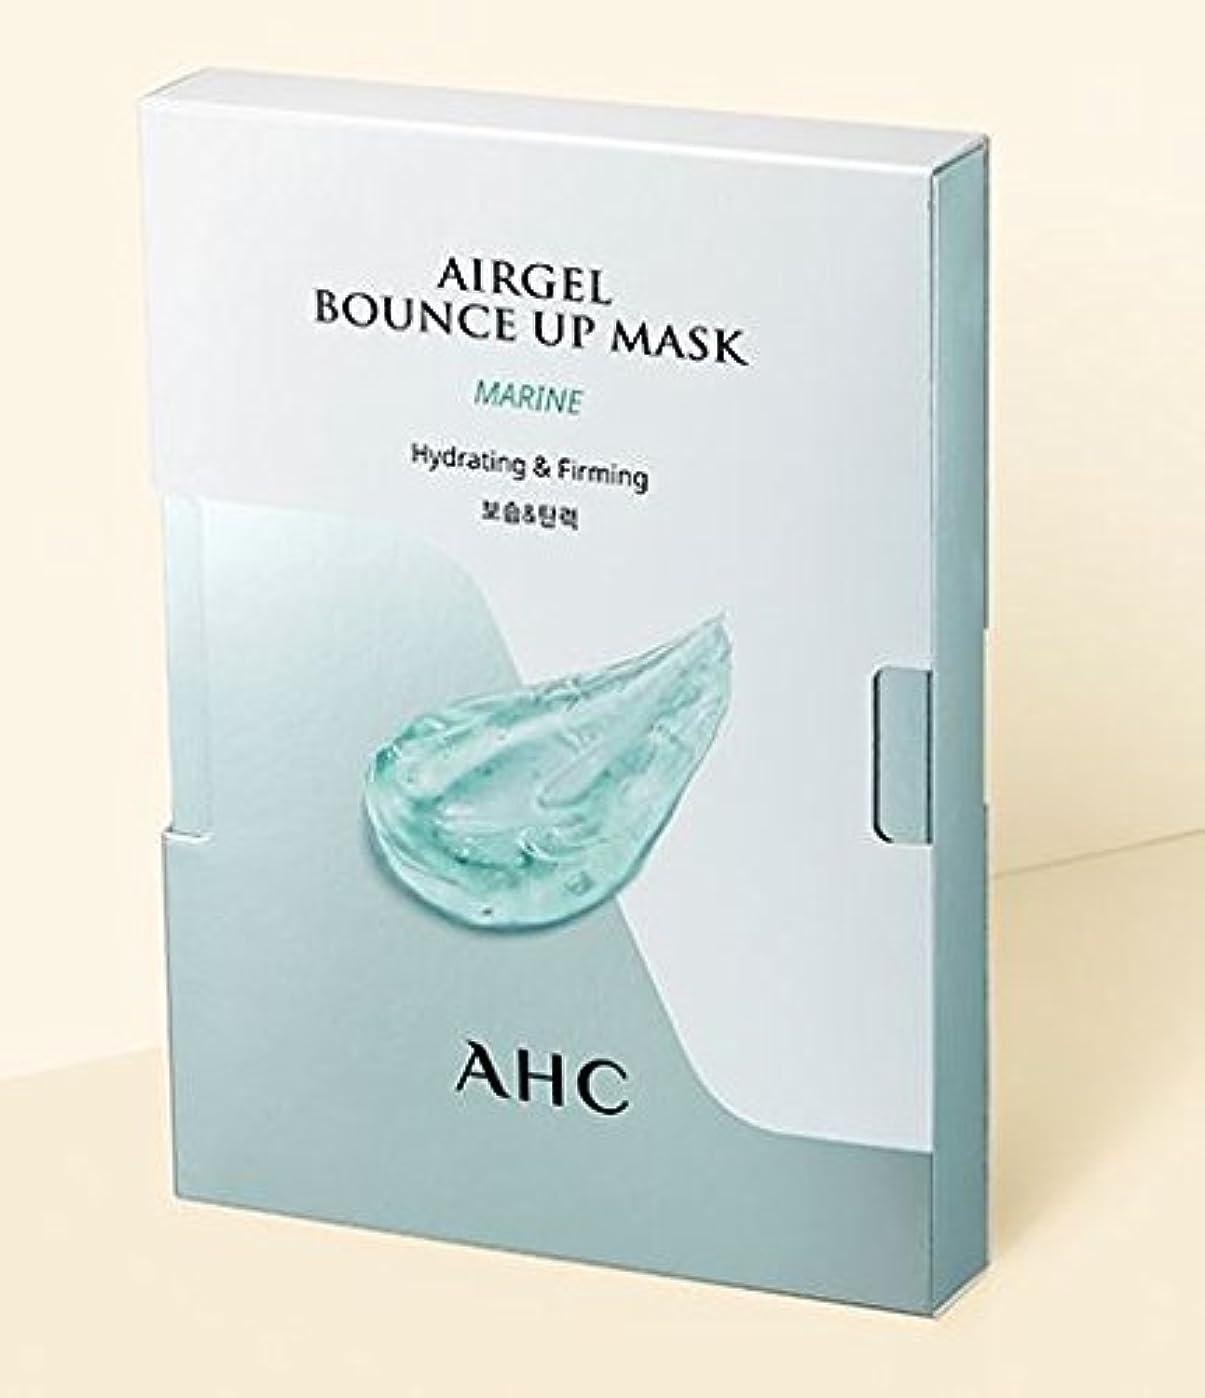 代わってダンプレシピ[A.H.C] Airgel Bounce Up Mask MARINE (Hydrating&Firming)30g*5sheet/マリンエアゲルマスク30g*5枚 [並行輸入品]